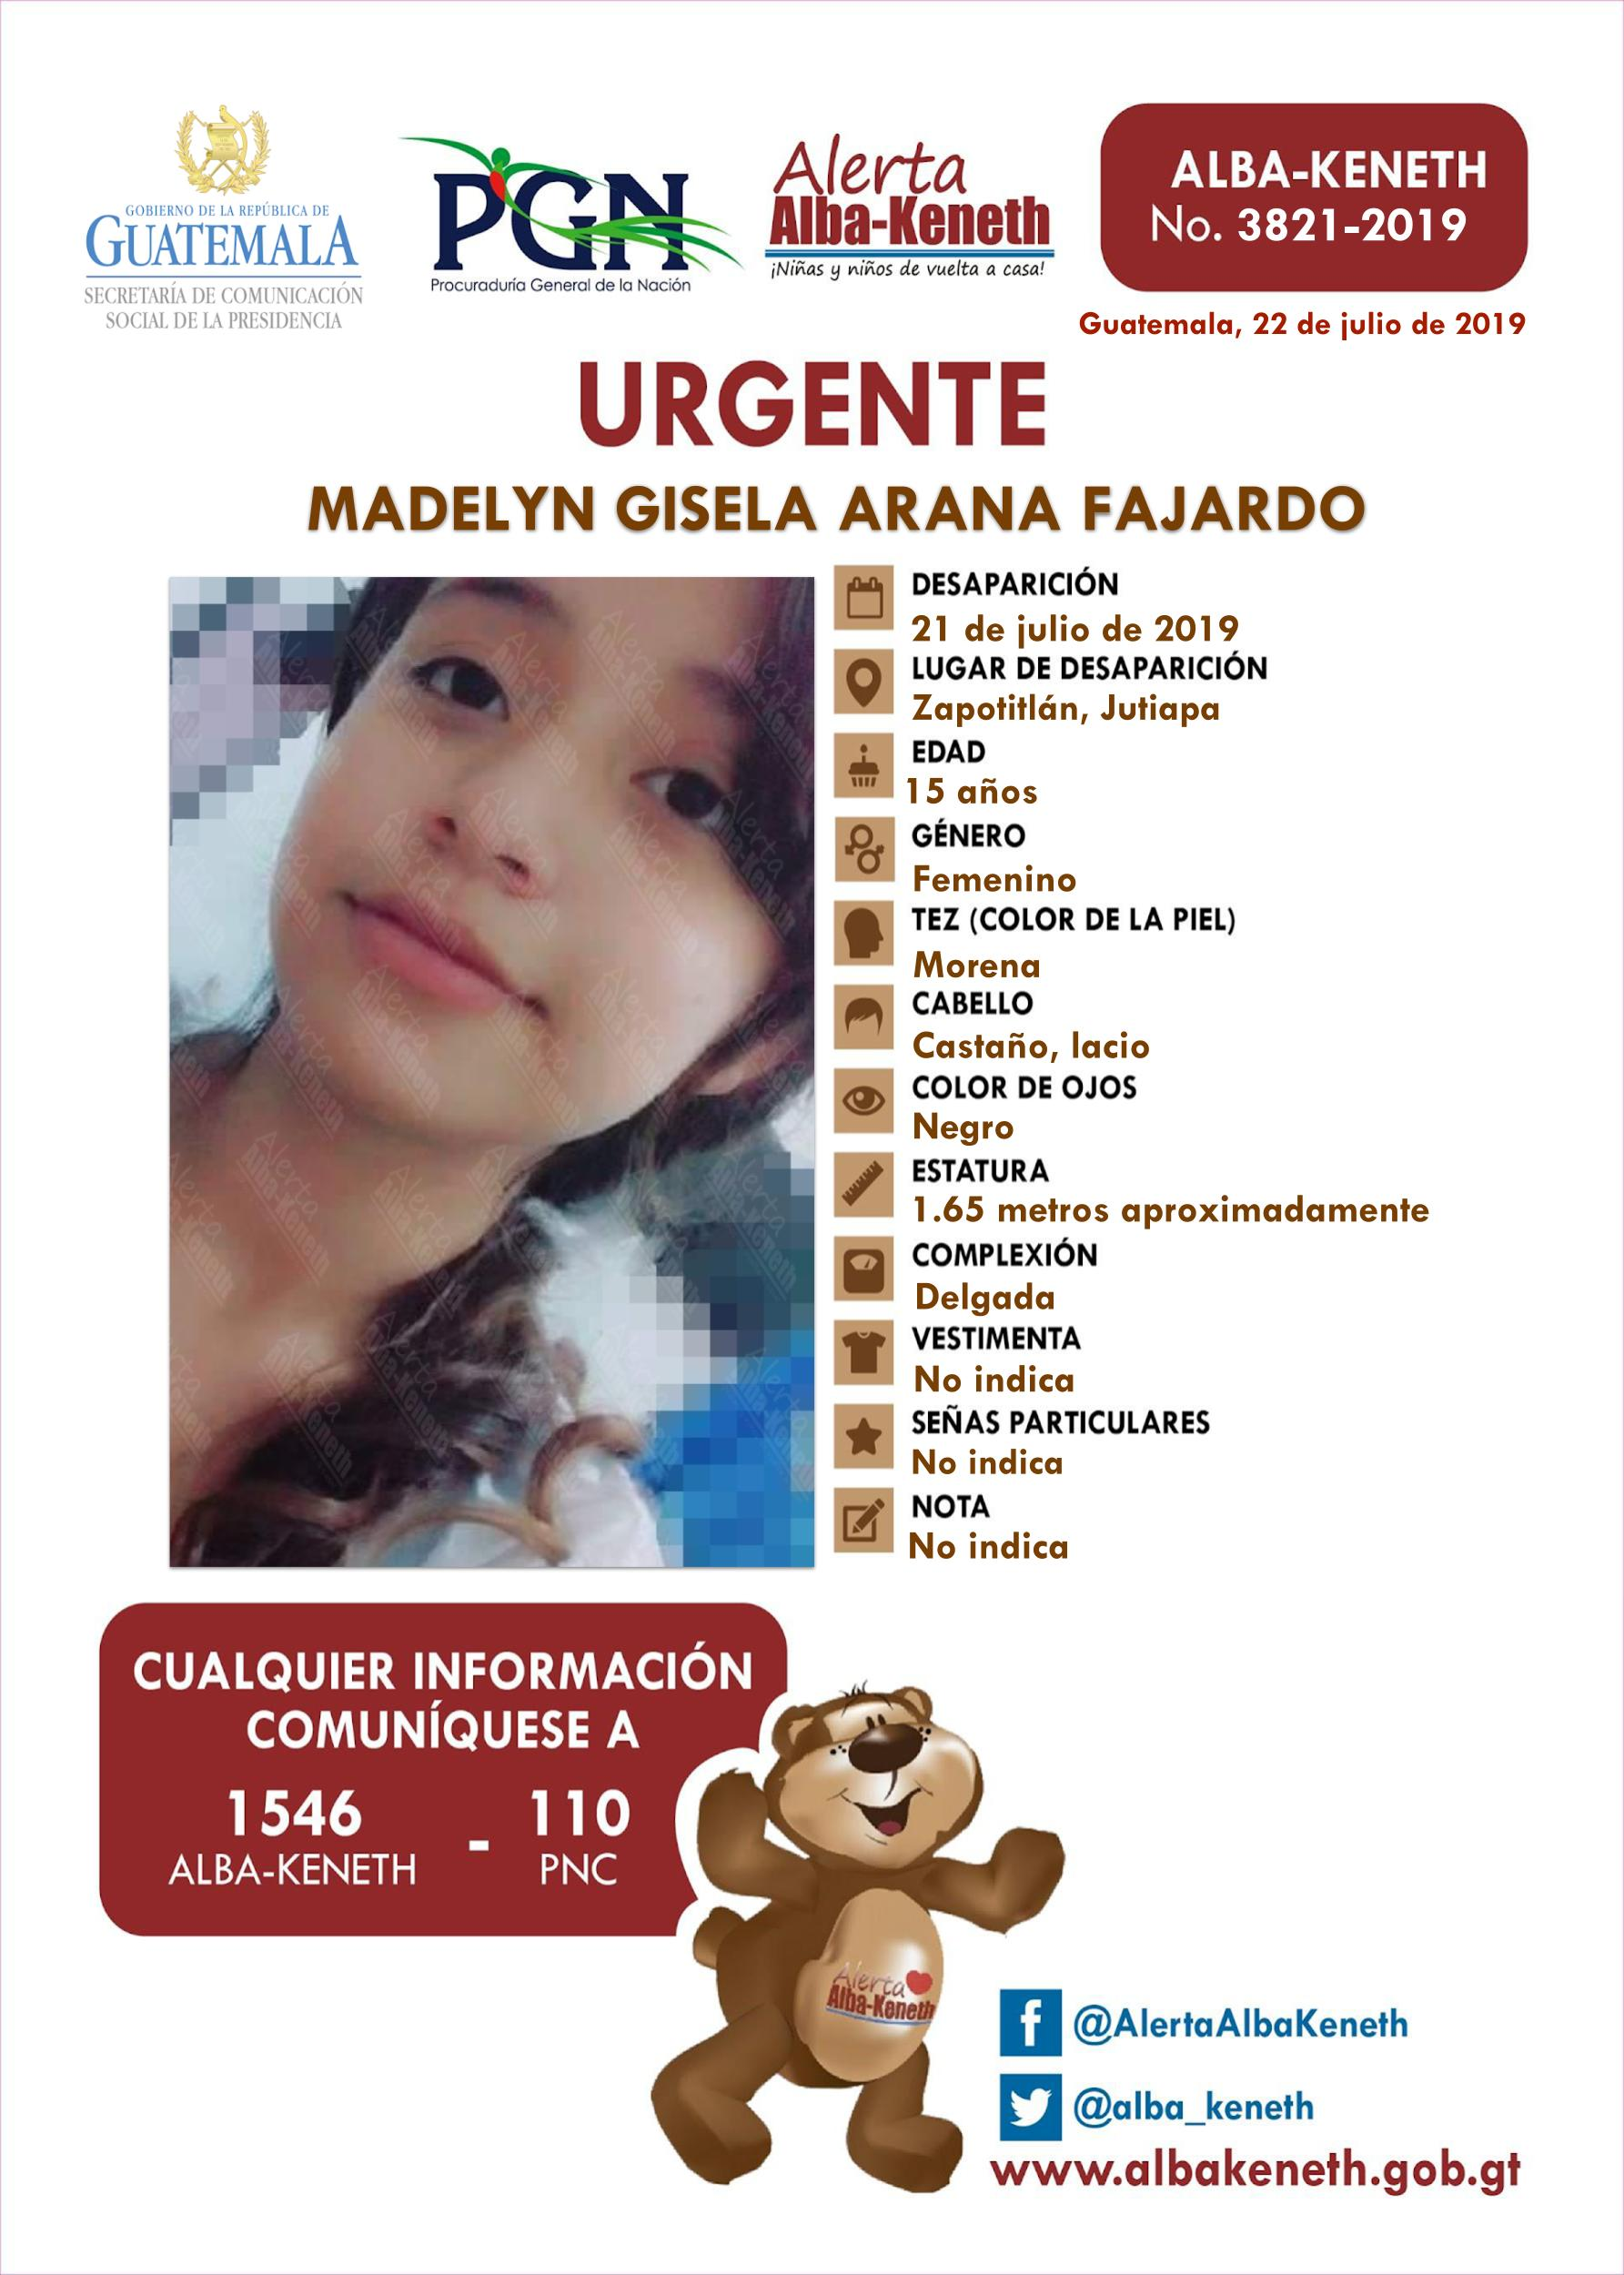 Madelyn Gisela Arana Fajardo